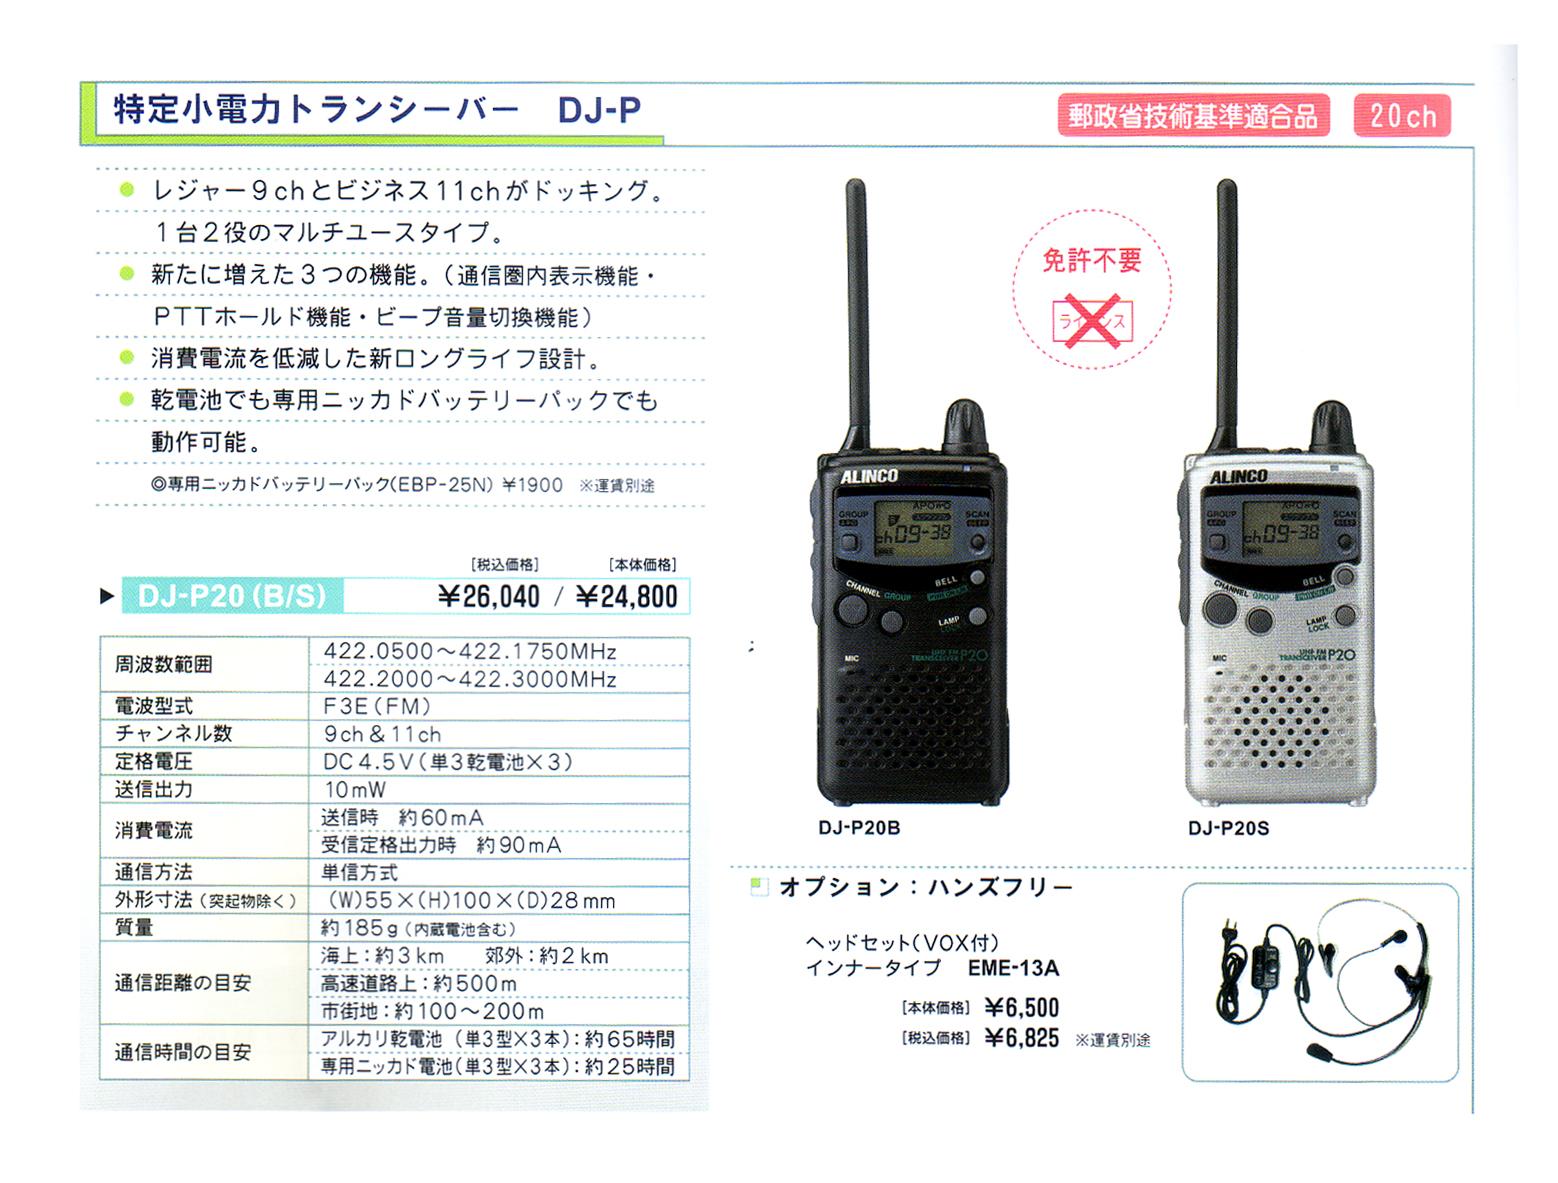 アルインコ特定省電力トランシーバー DJ-P with ハンズフリーキット